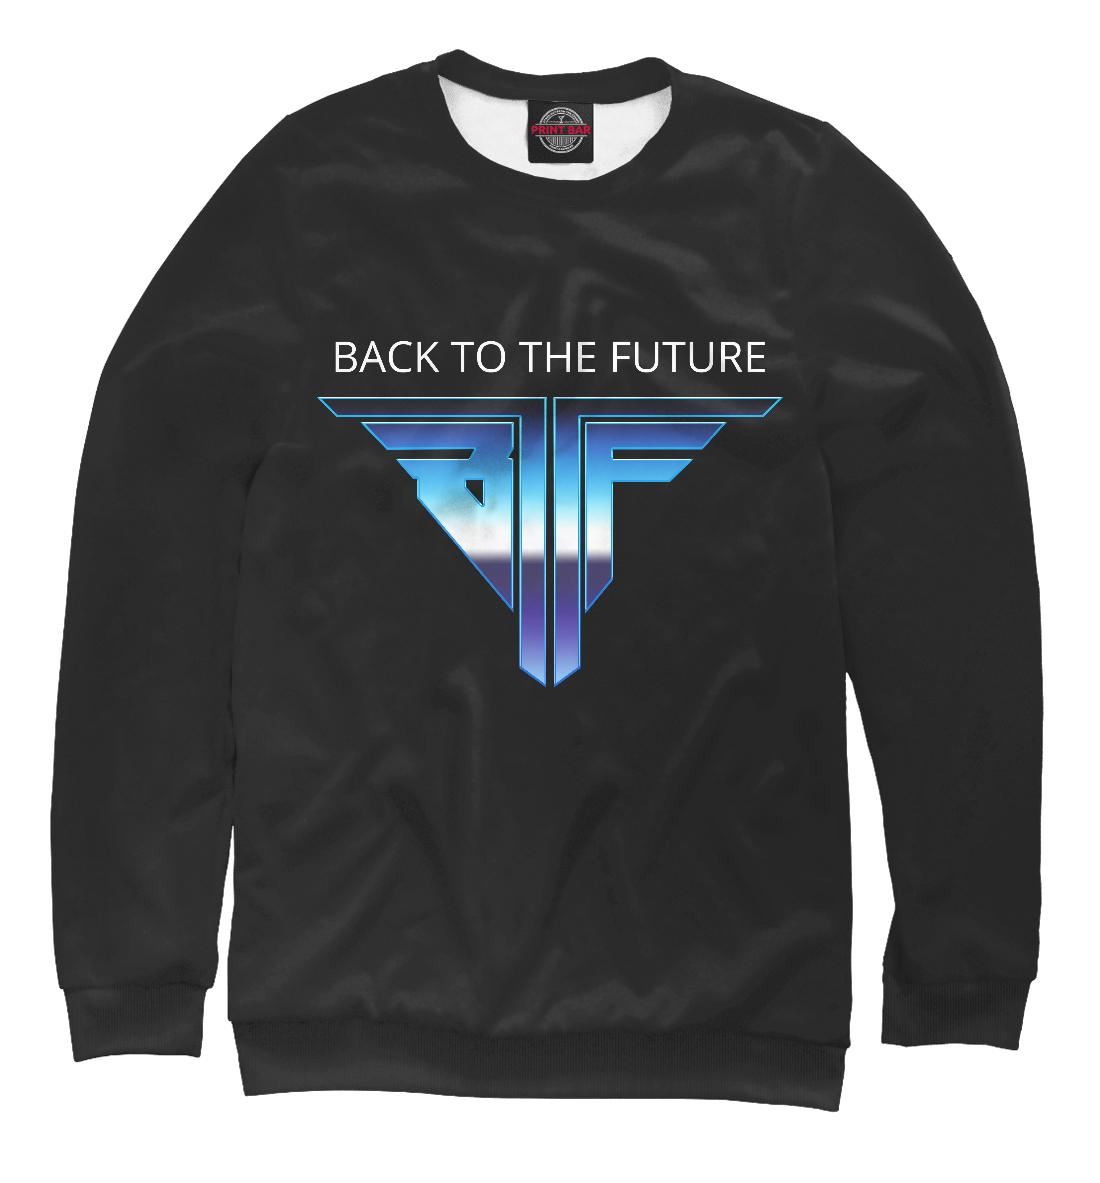 Купить Назад в будущее, Printbar, Свитшоты, KNO-785881-swi-1